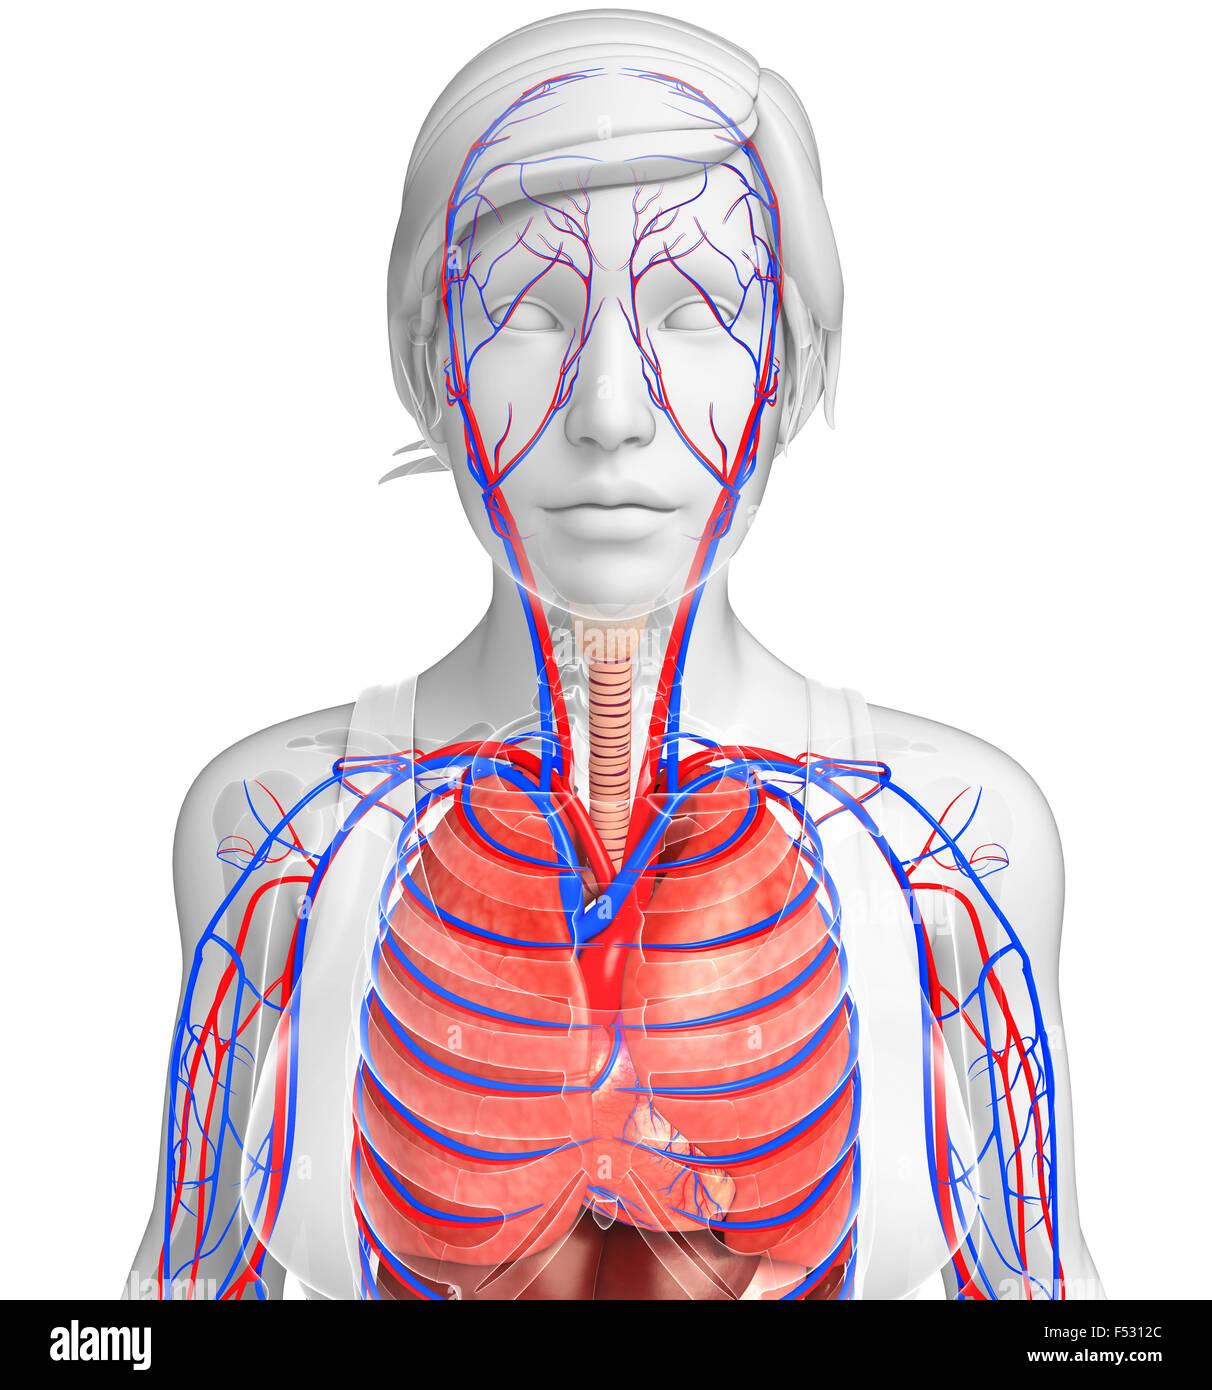 Berühmt Herz Kreislauf System Blutfluss Ideen - Menschliche Anatomie ...